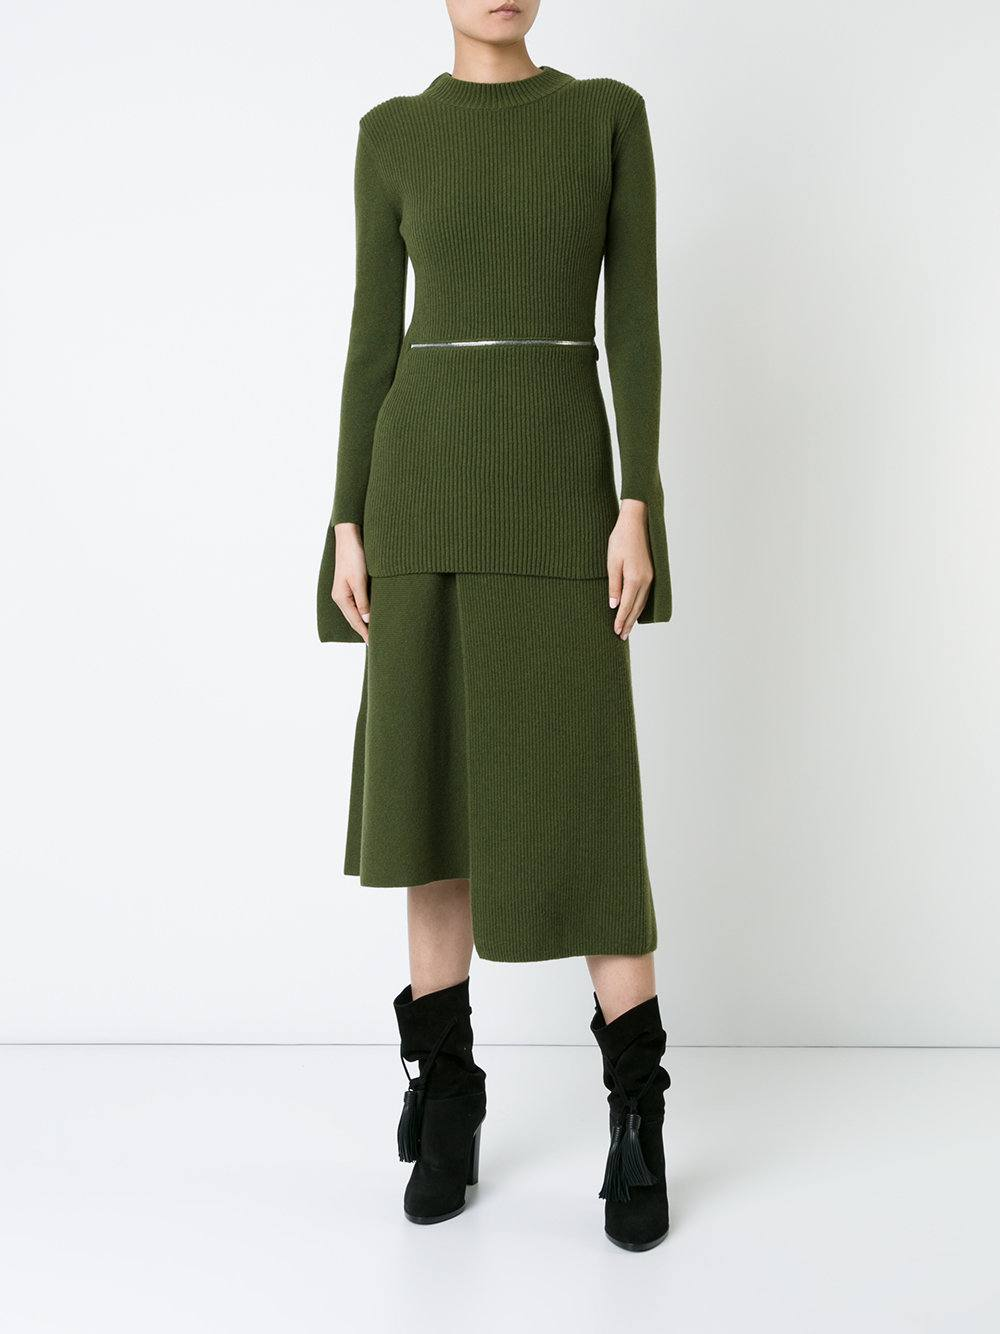 Модные юбки осень-зима 2019 года